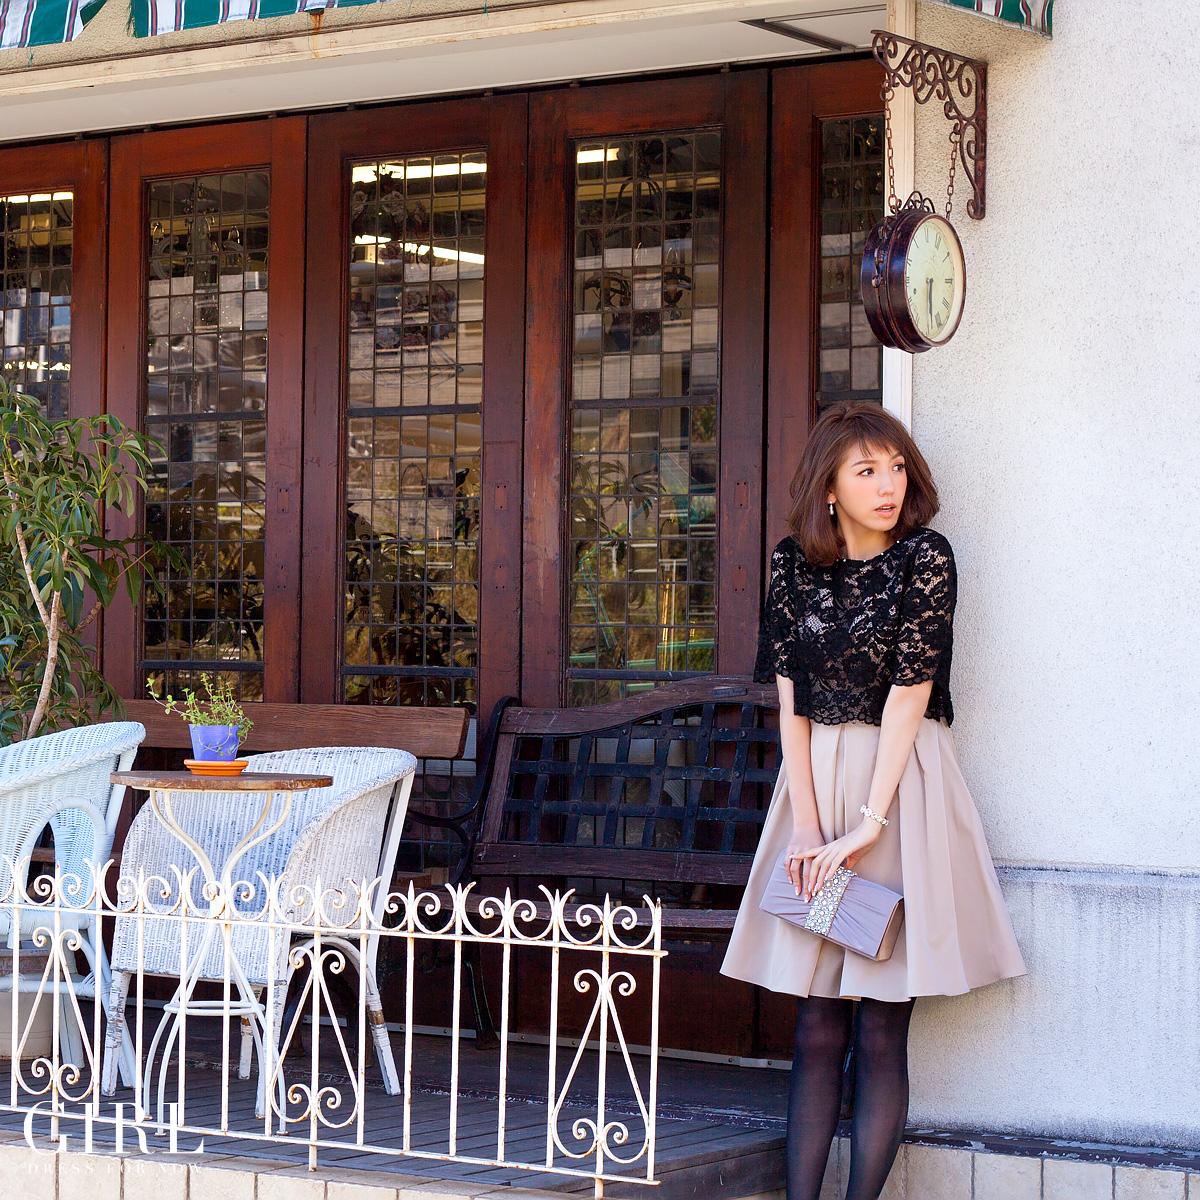 披露宴に着て行きたい♡かわいいワンピースのお呼ばれドレス♡のサムネイル画像